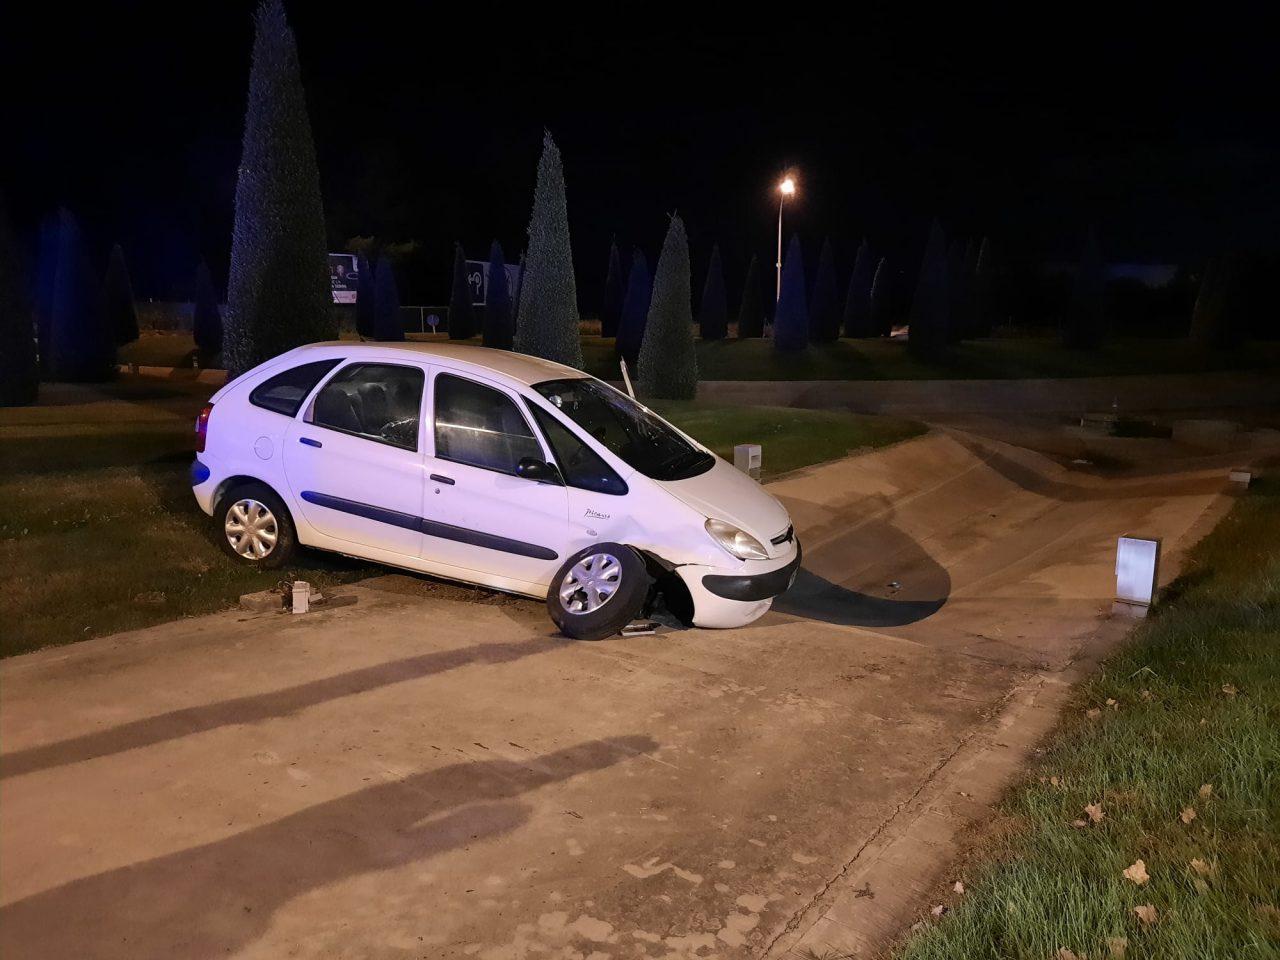 accident_reus-1280x960.jpg